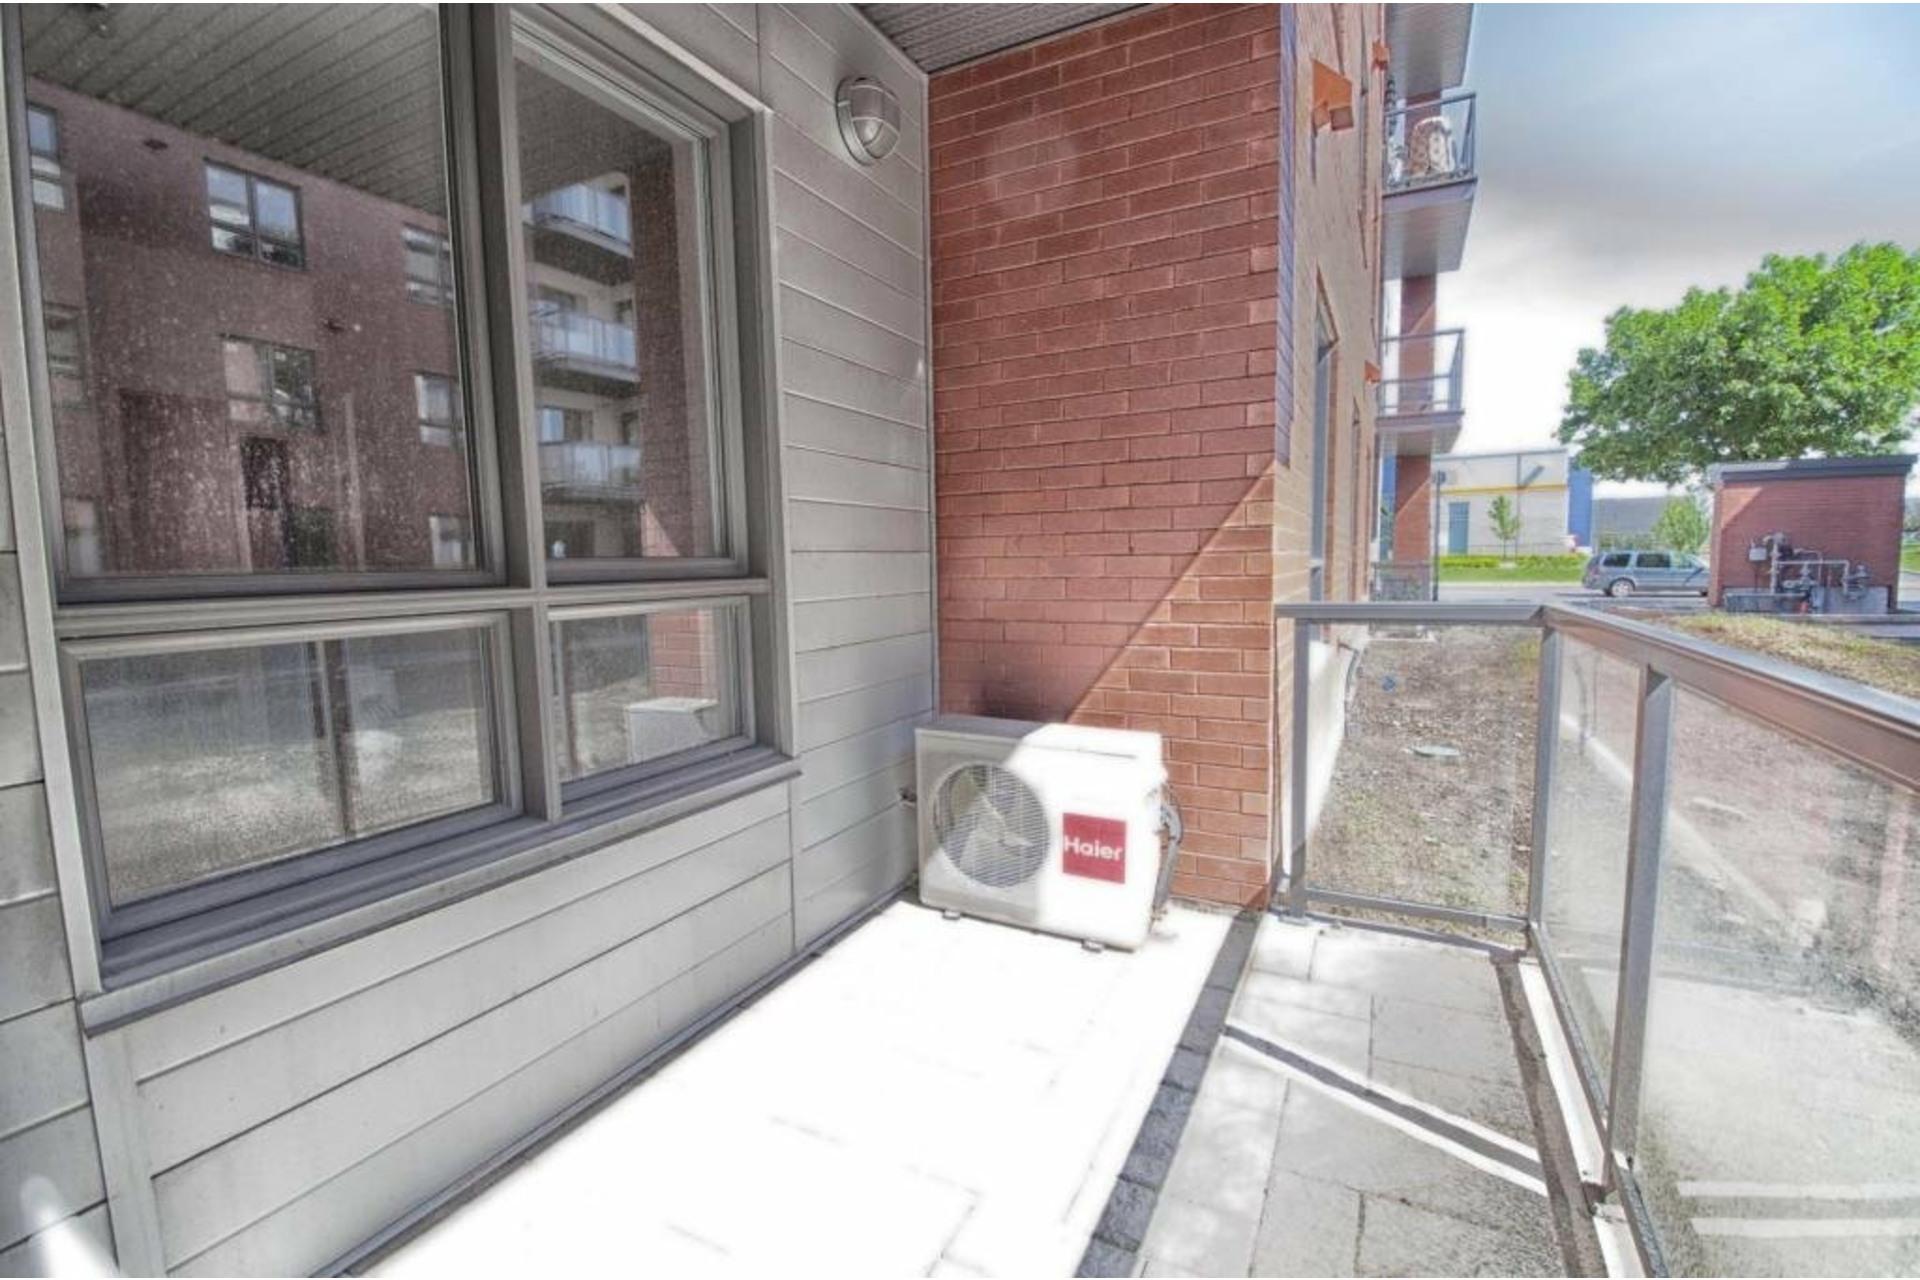 image 19 - Appartement À louer Rivière-des-Prairies/Pointe-aux-Trembles Montréal  - 6 pièces